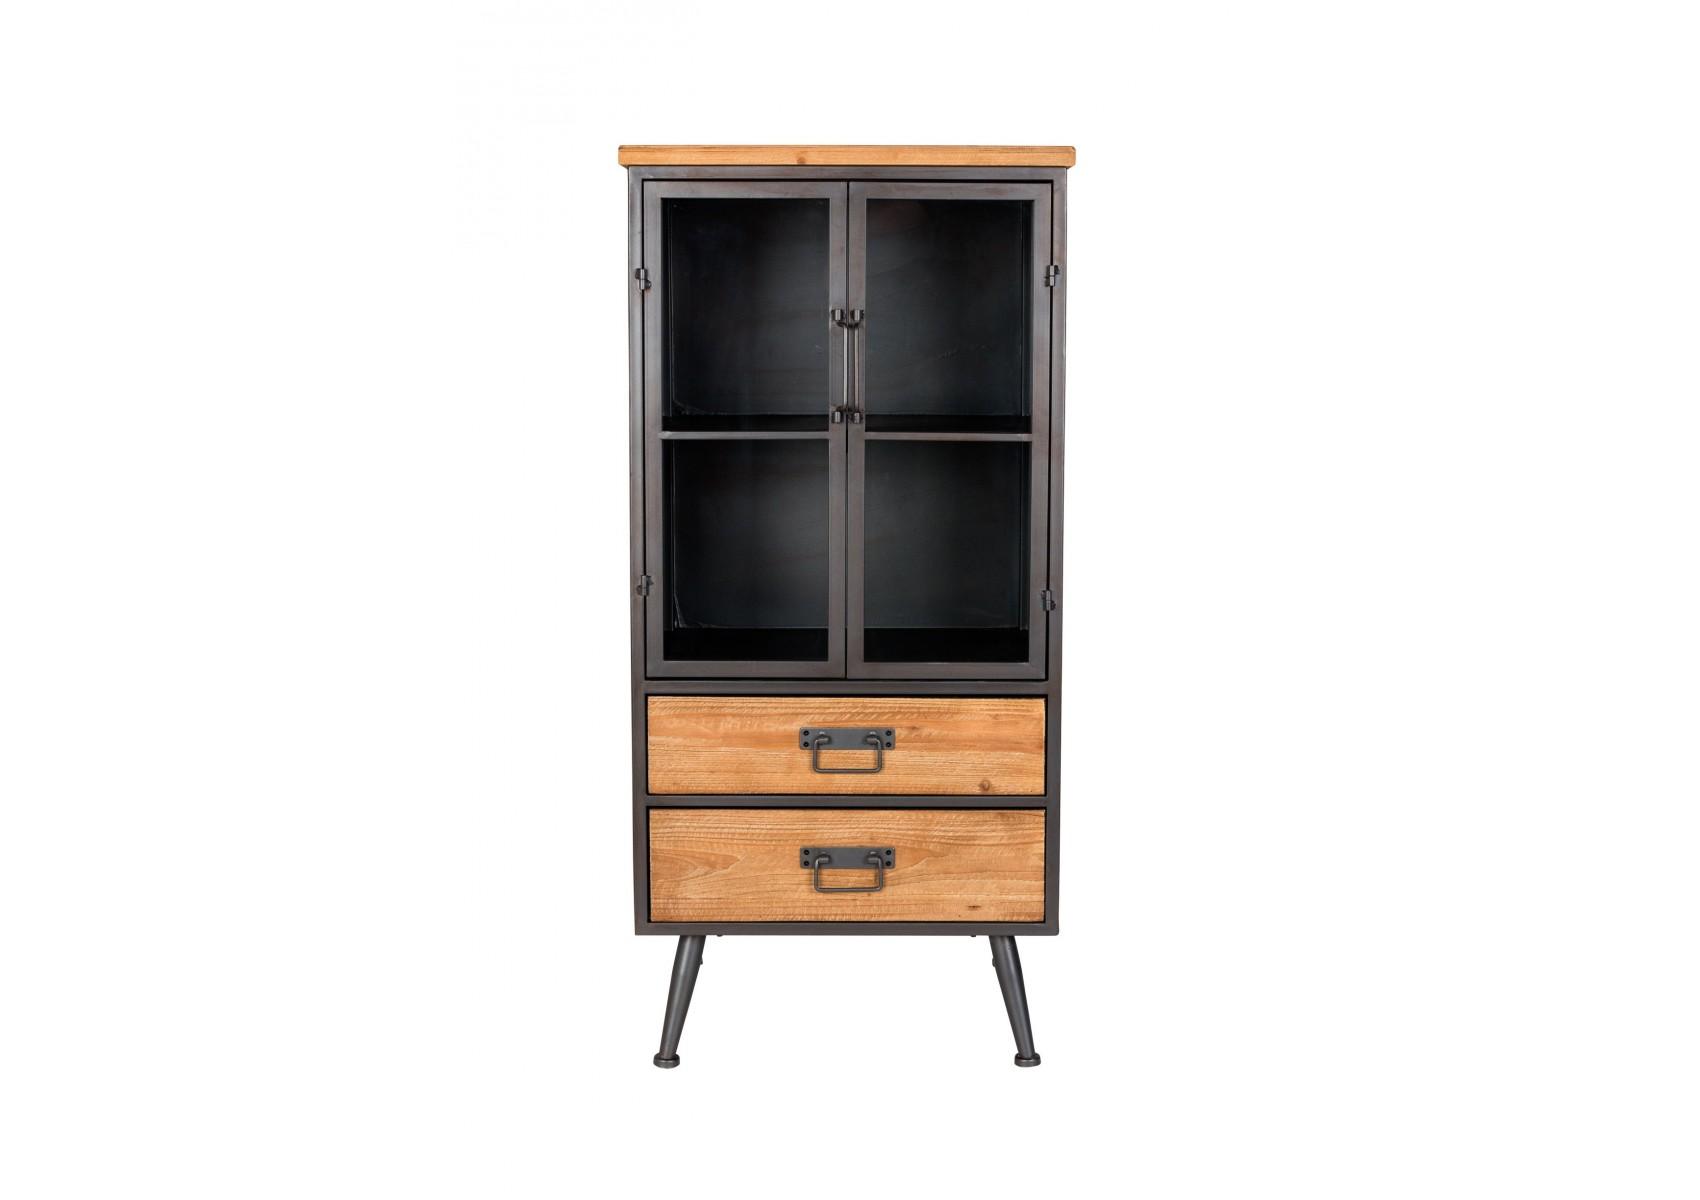 Petite vitrine industrielle bois et m tal damian boite for Vitrine industrielle